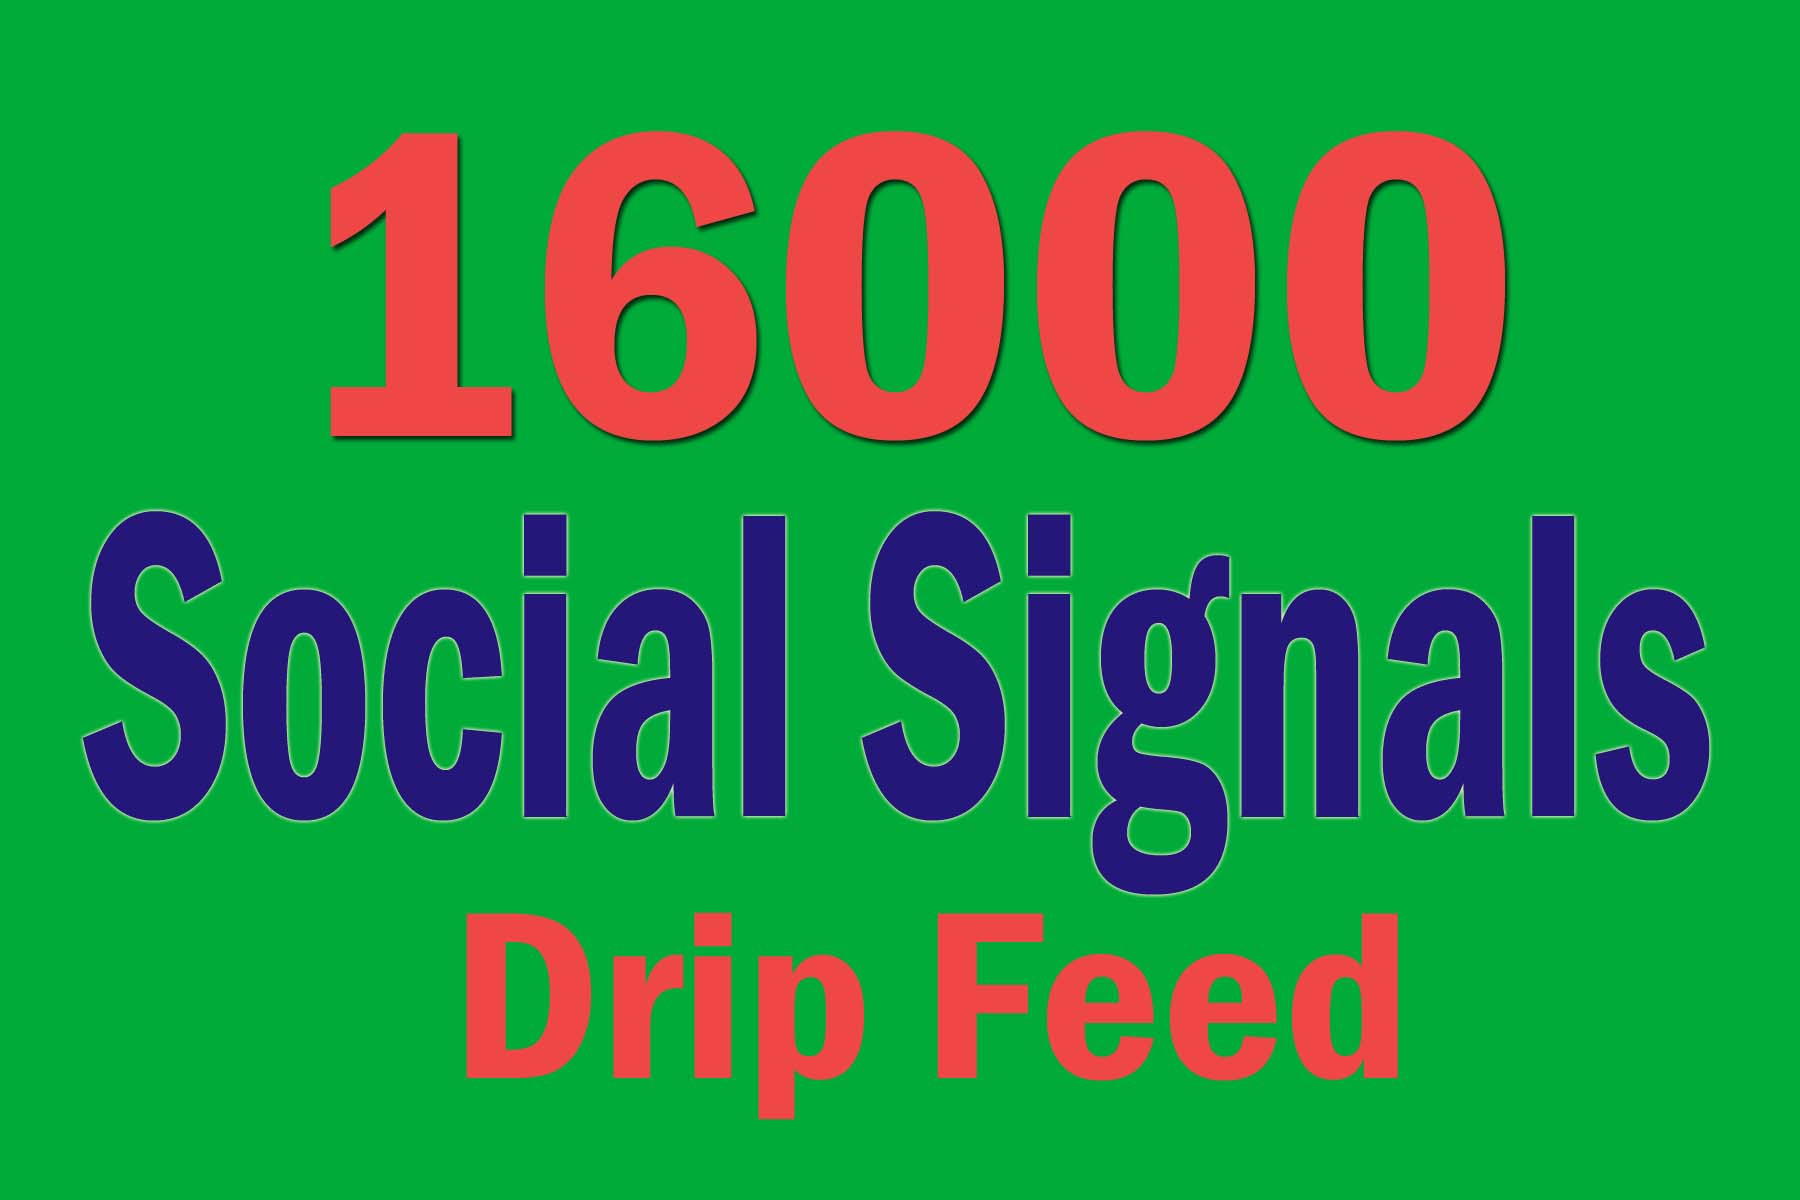 Drip Feed 16000 Website Mixed Permanent Social Signals